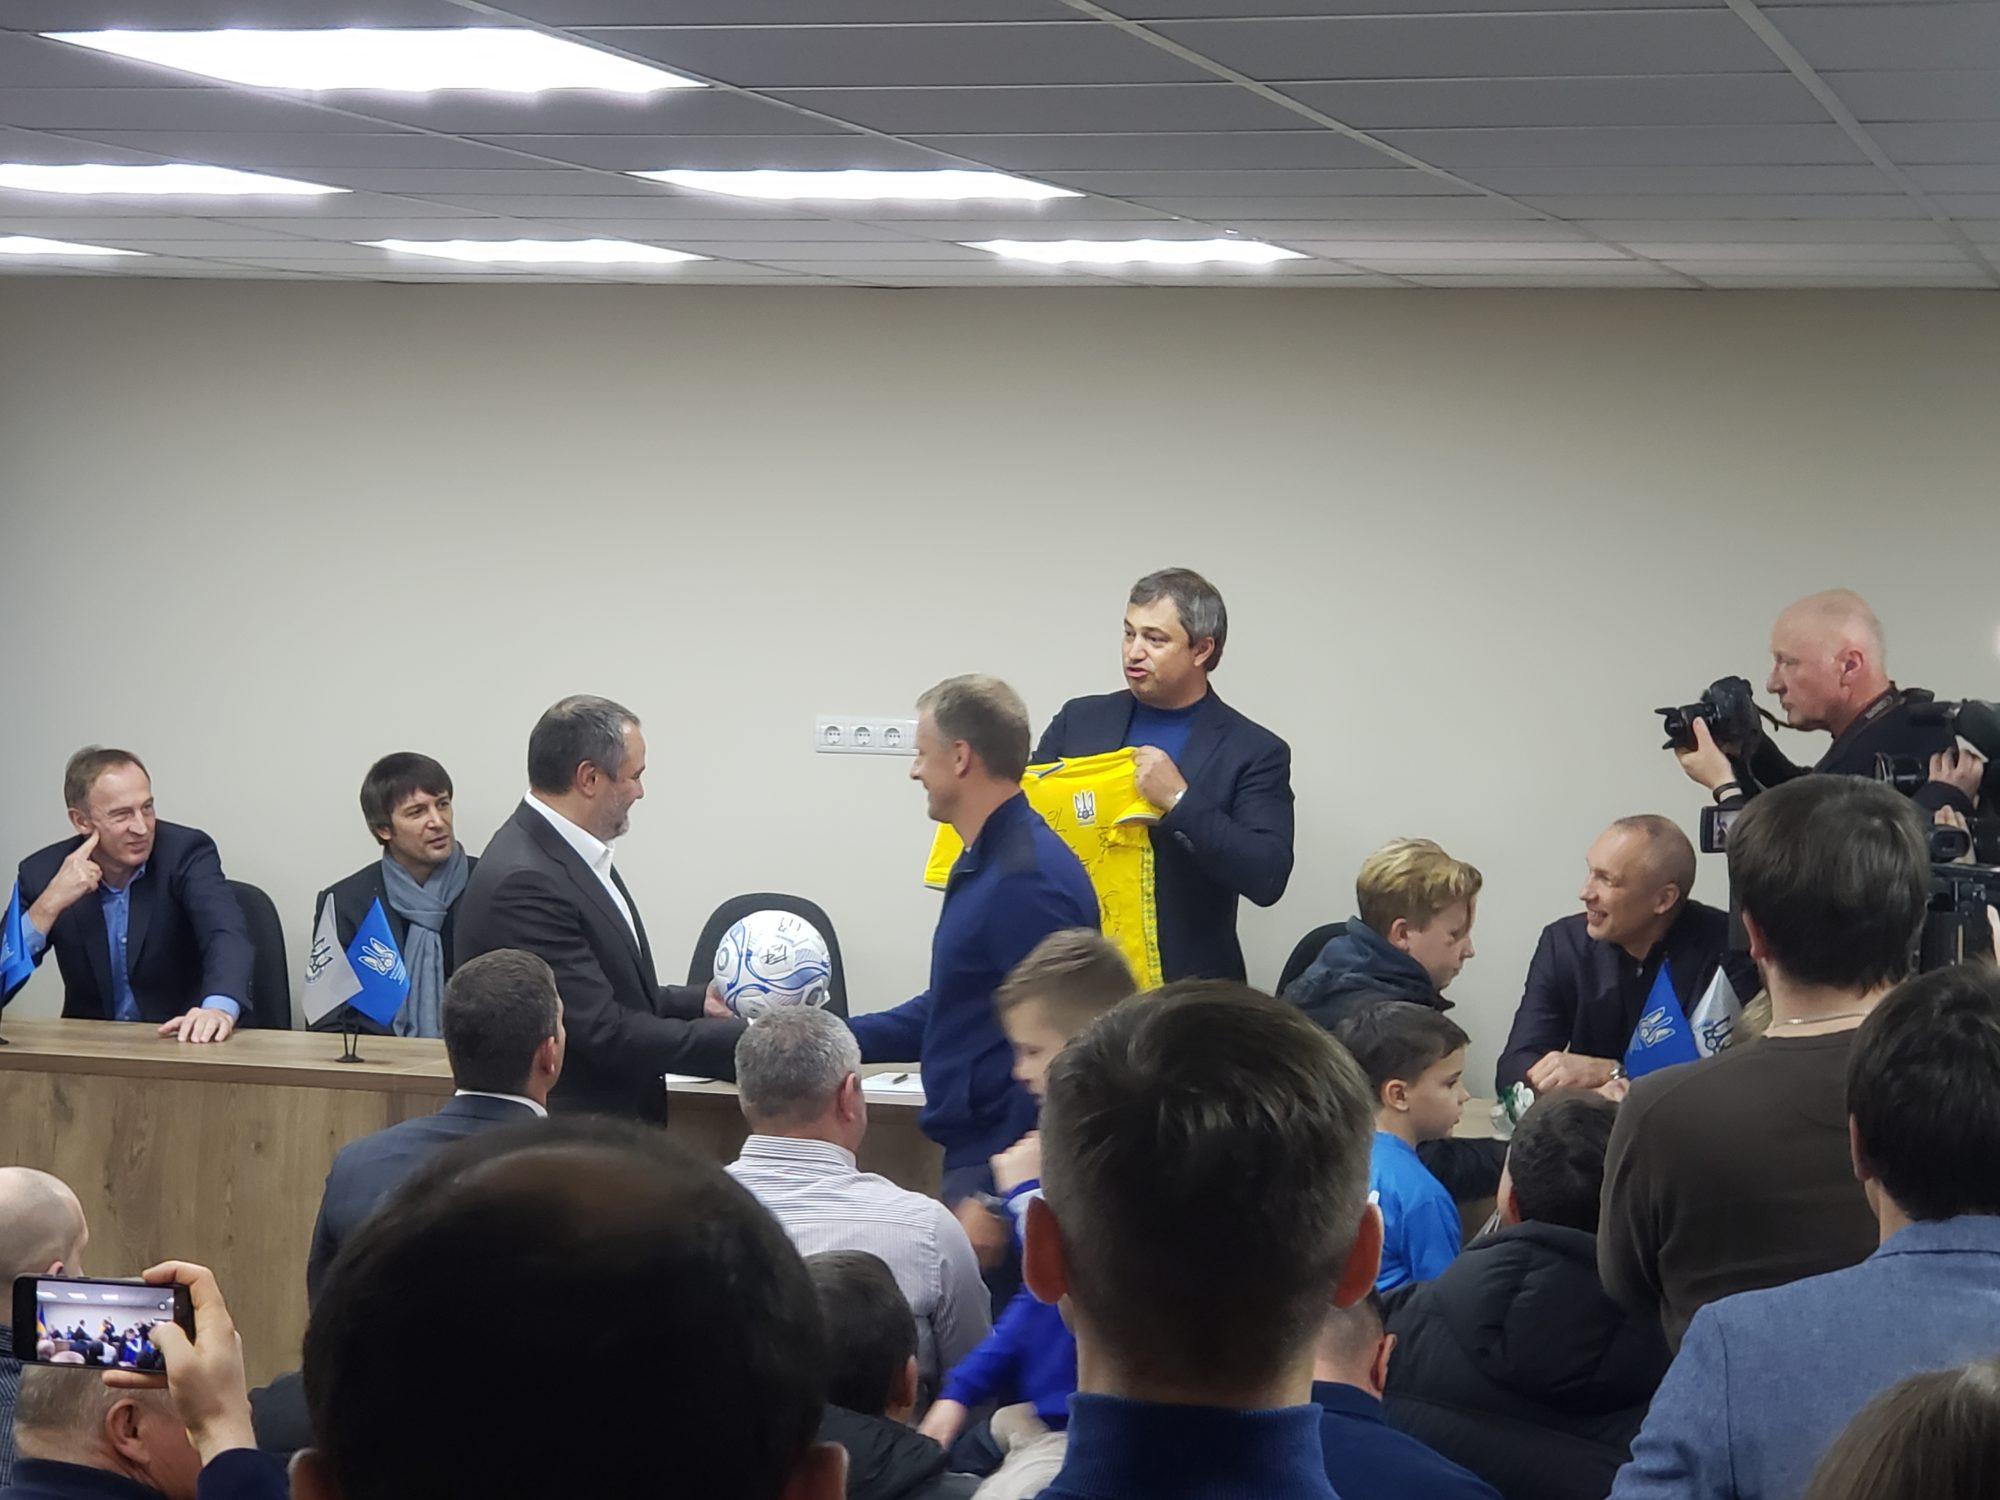 20200117_173515-2000x1500 Київська обласна федерація футболу відкрила новий офіс